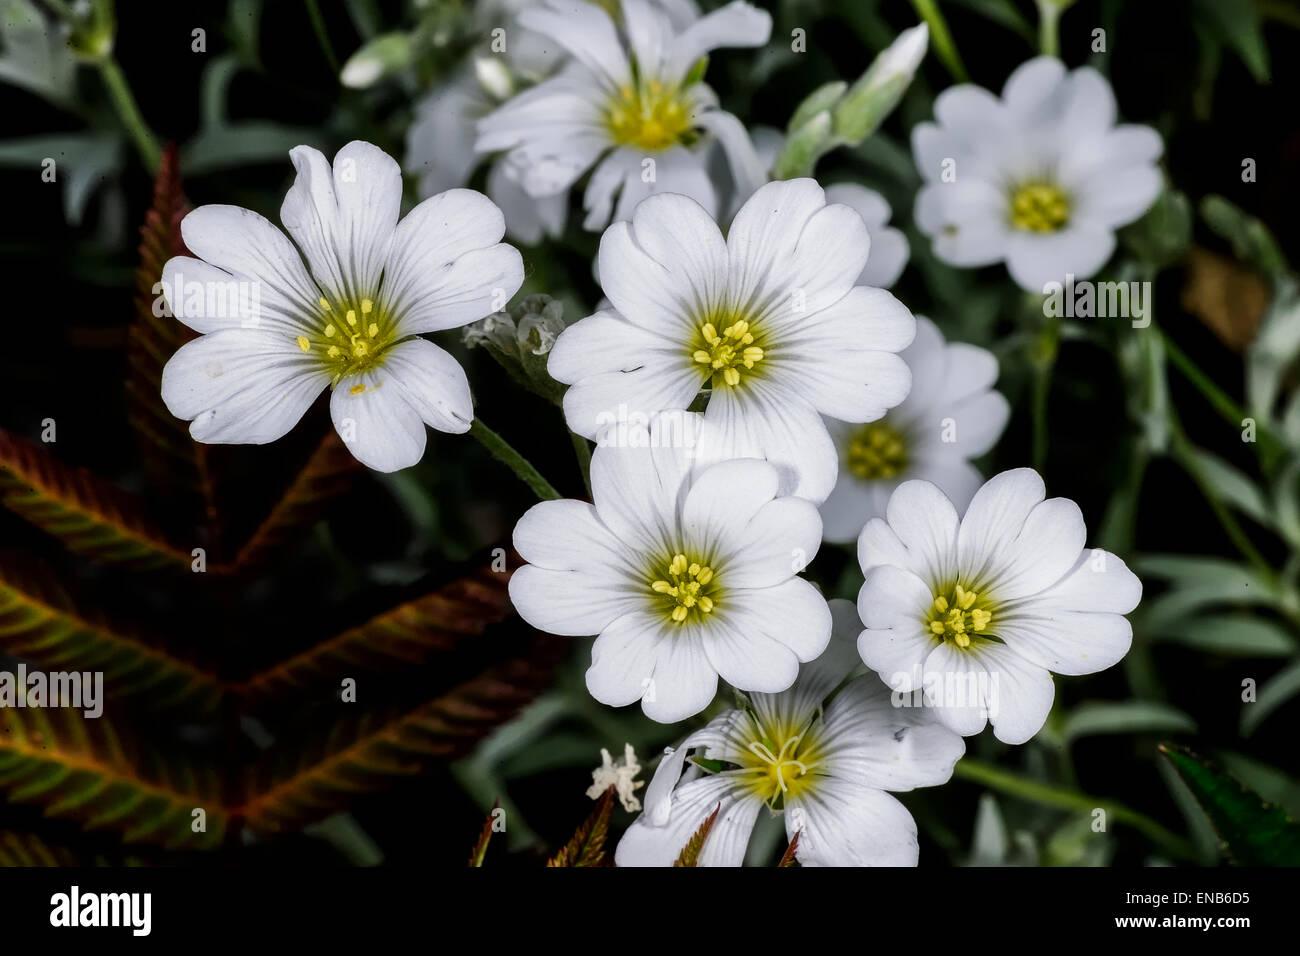 snow-in-summer,  cerastium tomentosum, espoo - Stock Image